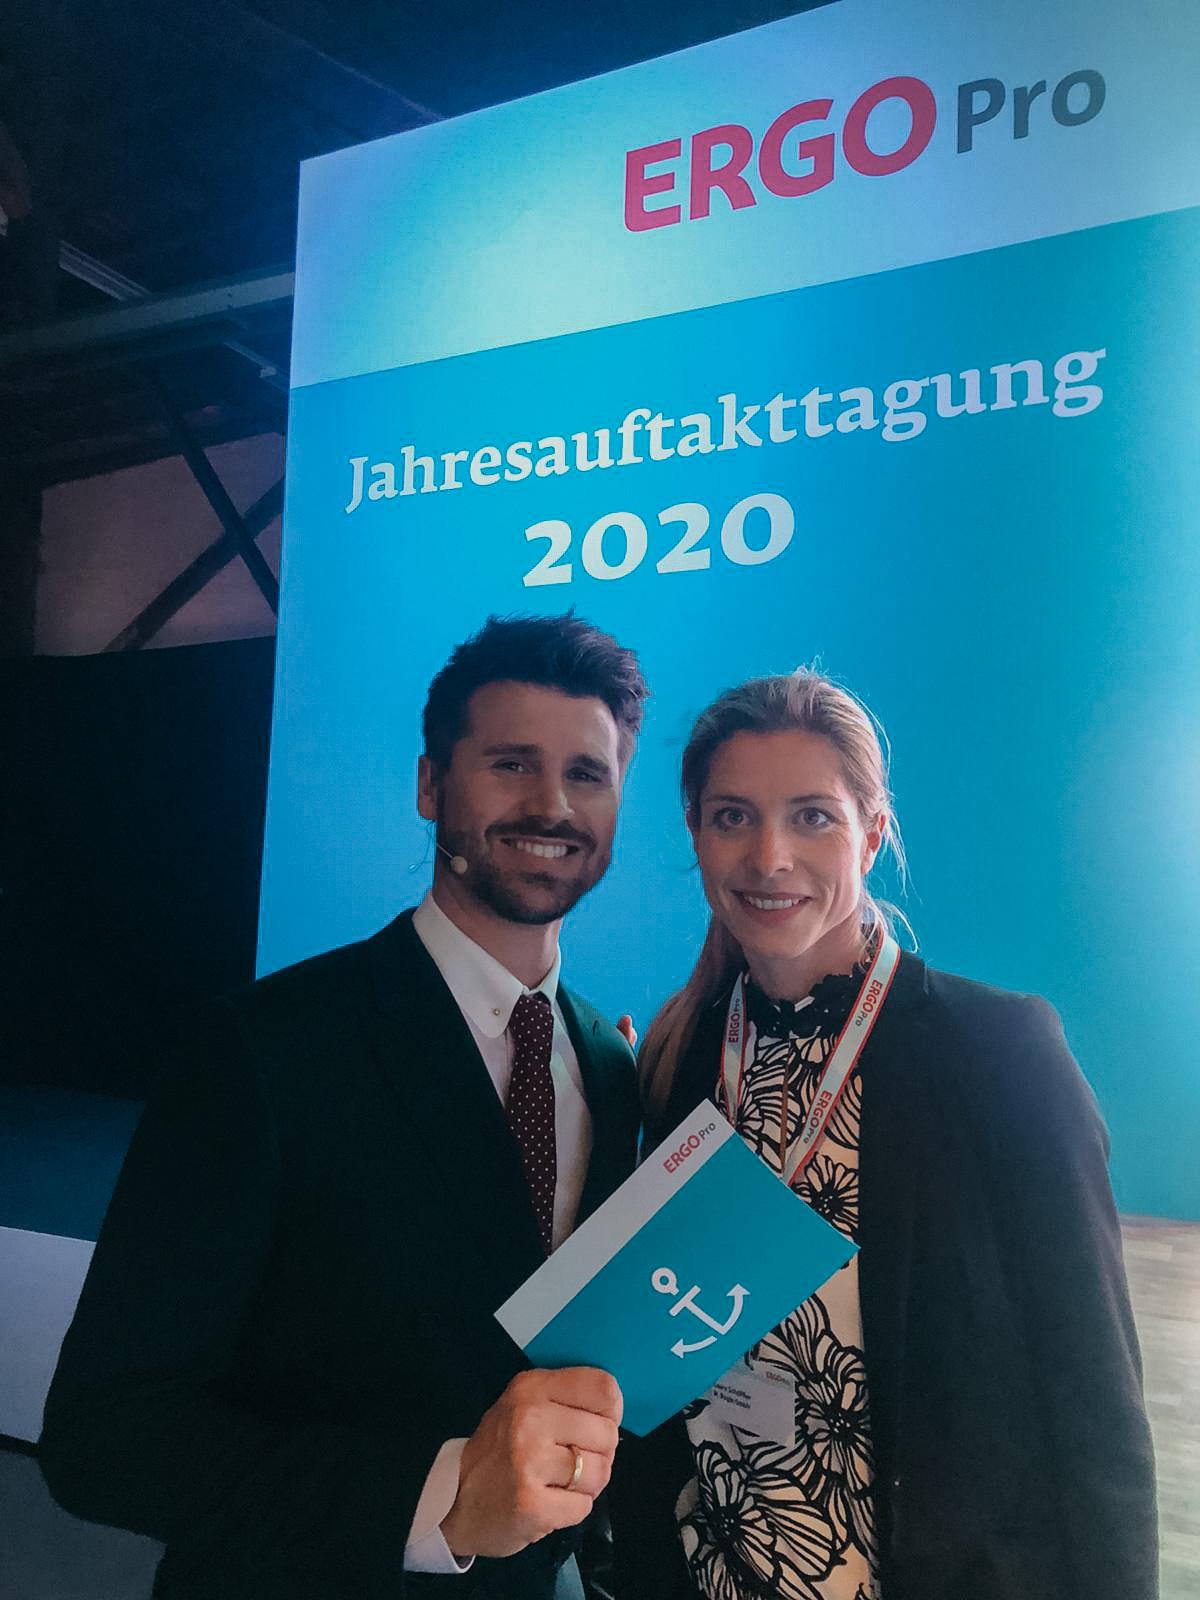 ERGO Jahresauftakttagung – Hamburg 2020